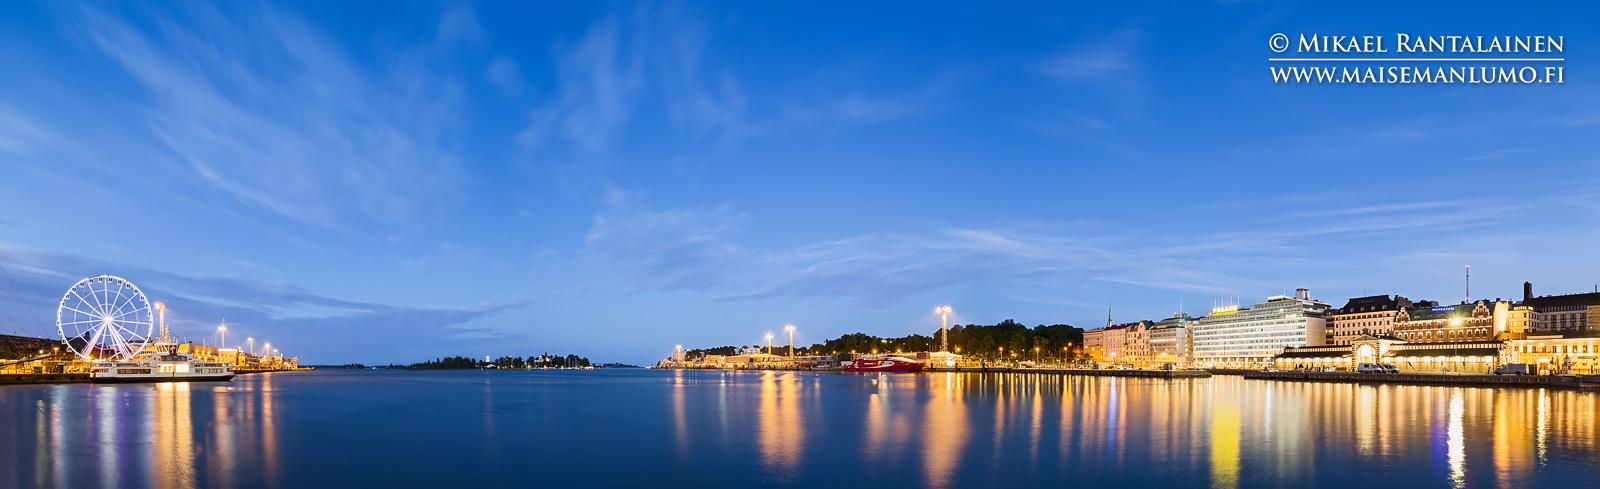 Kesäyö Eteläsatamassa, Helsinki (HP133)